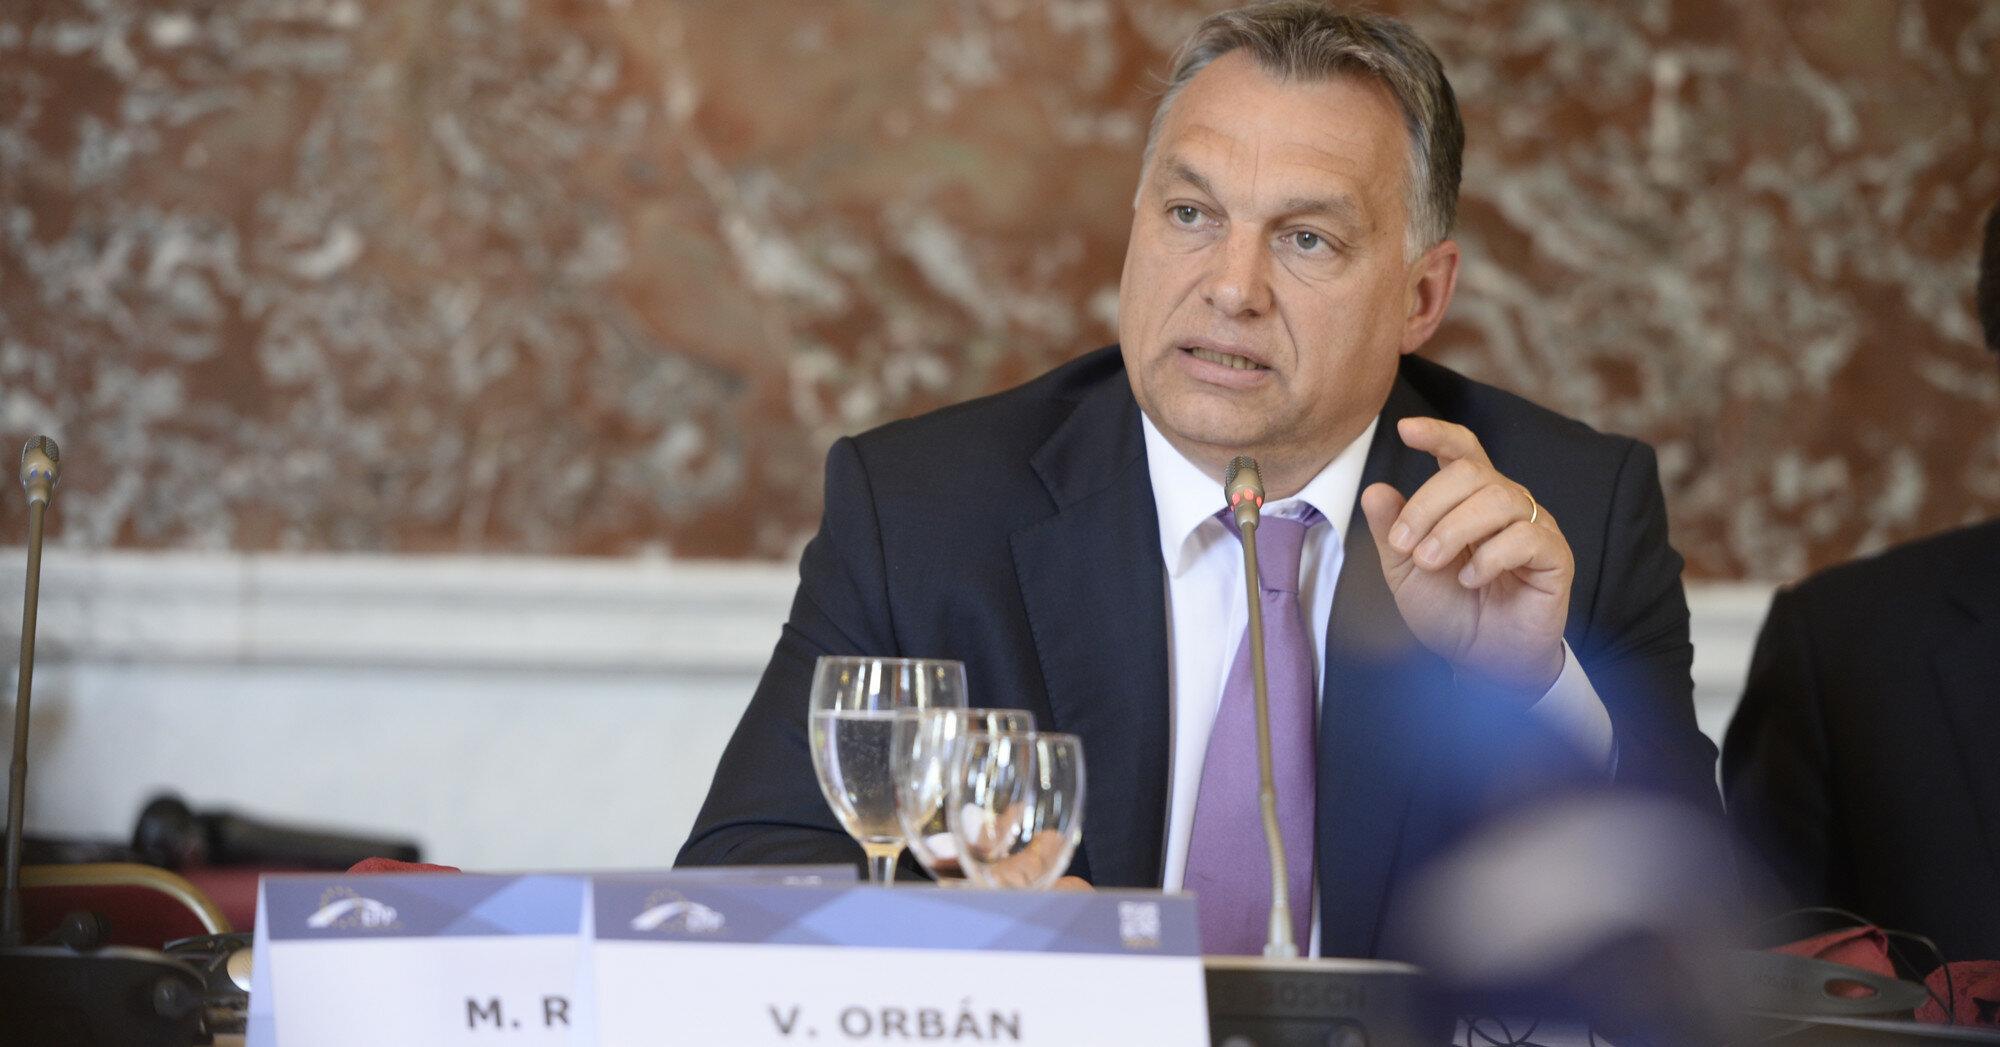 Орбан не поедет на матч сборной из-за подсветки стадиона